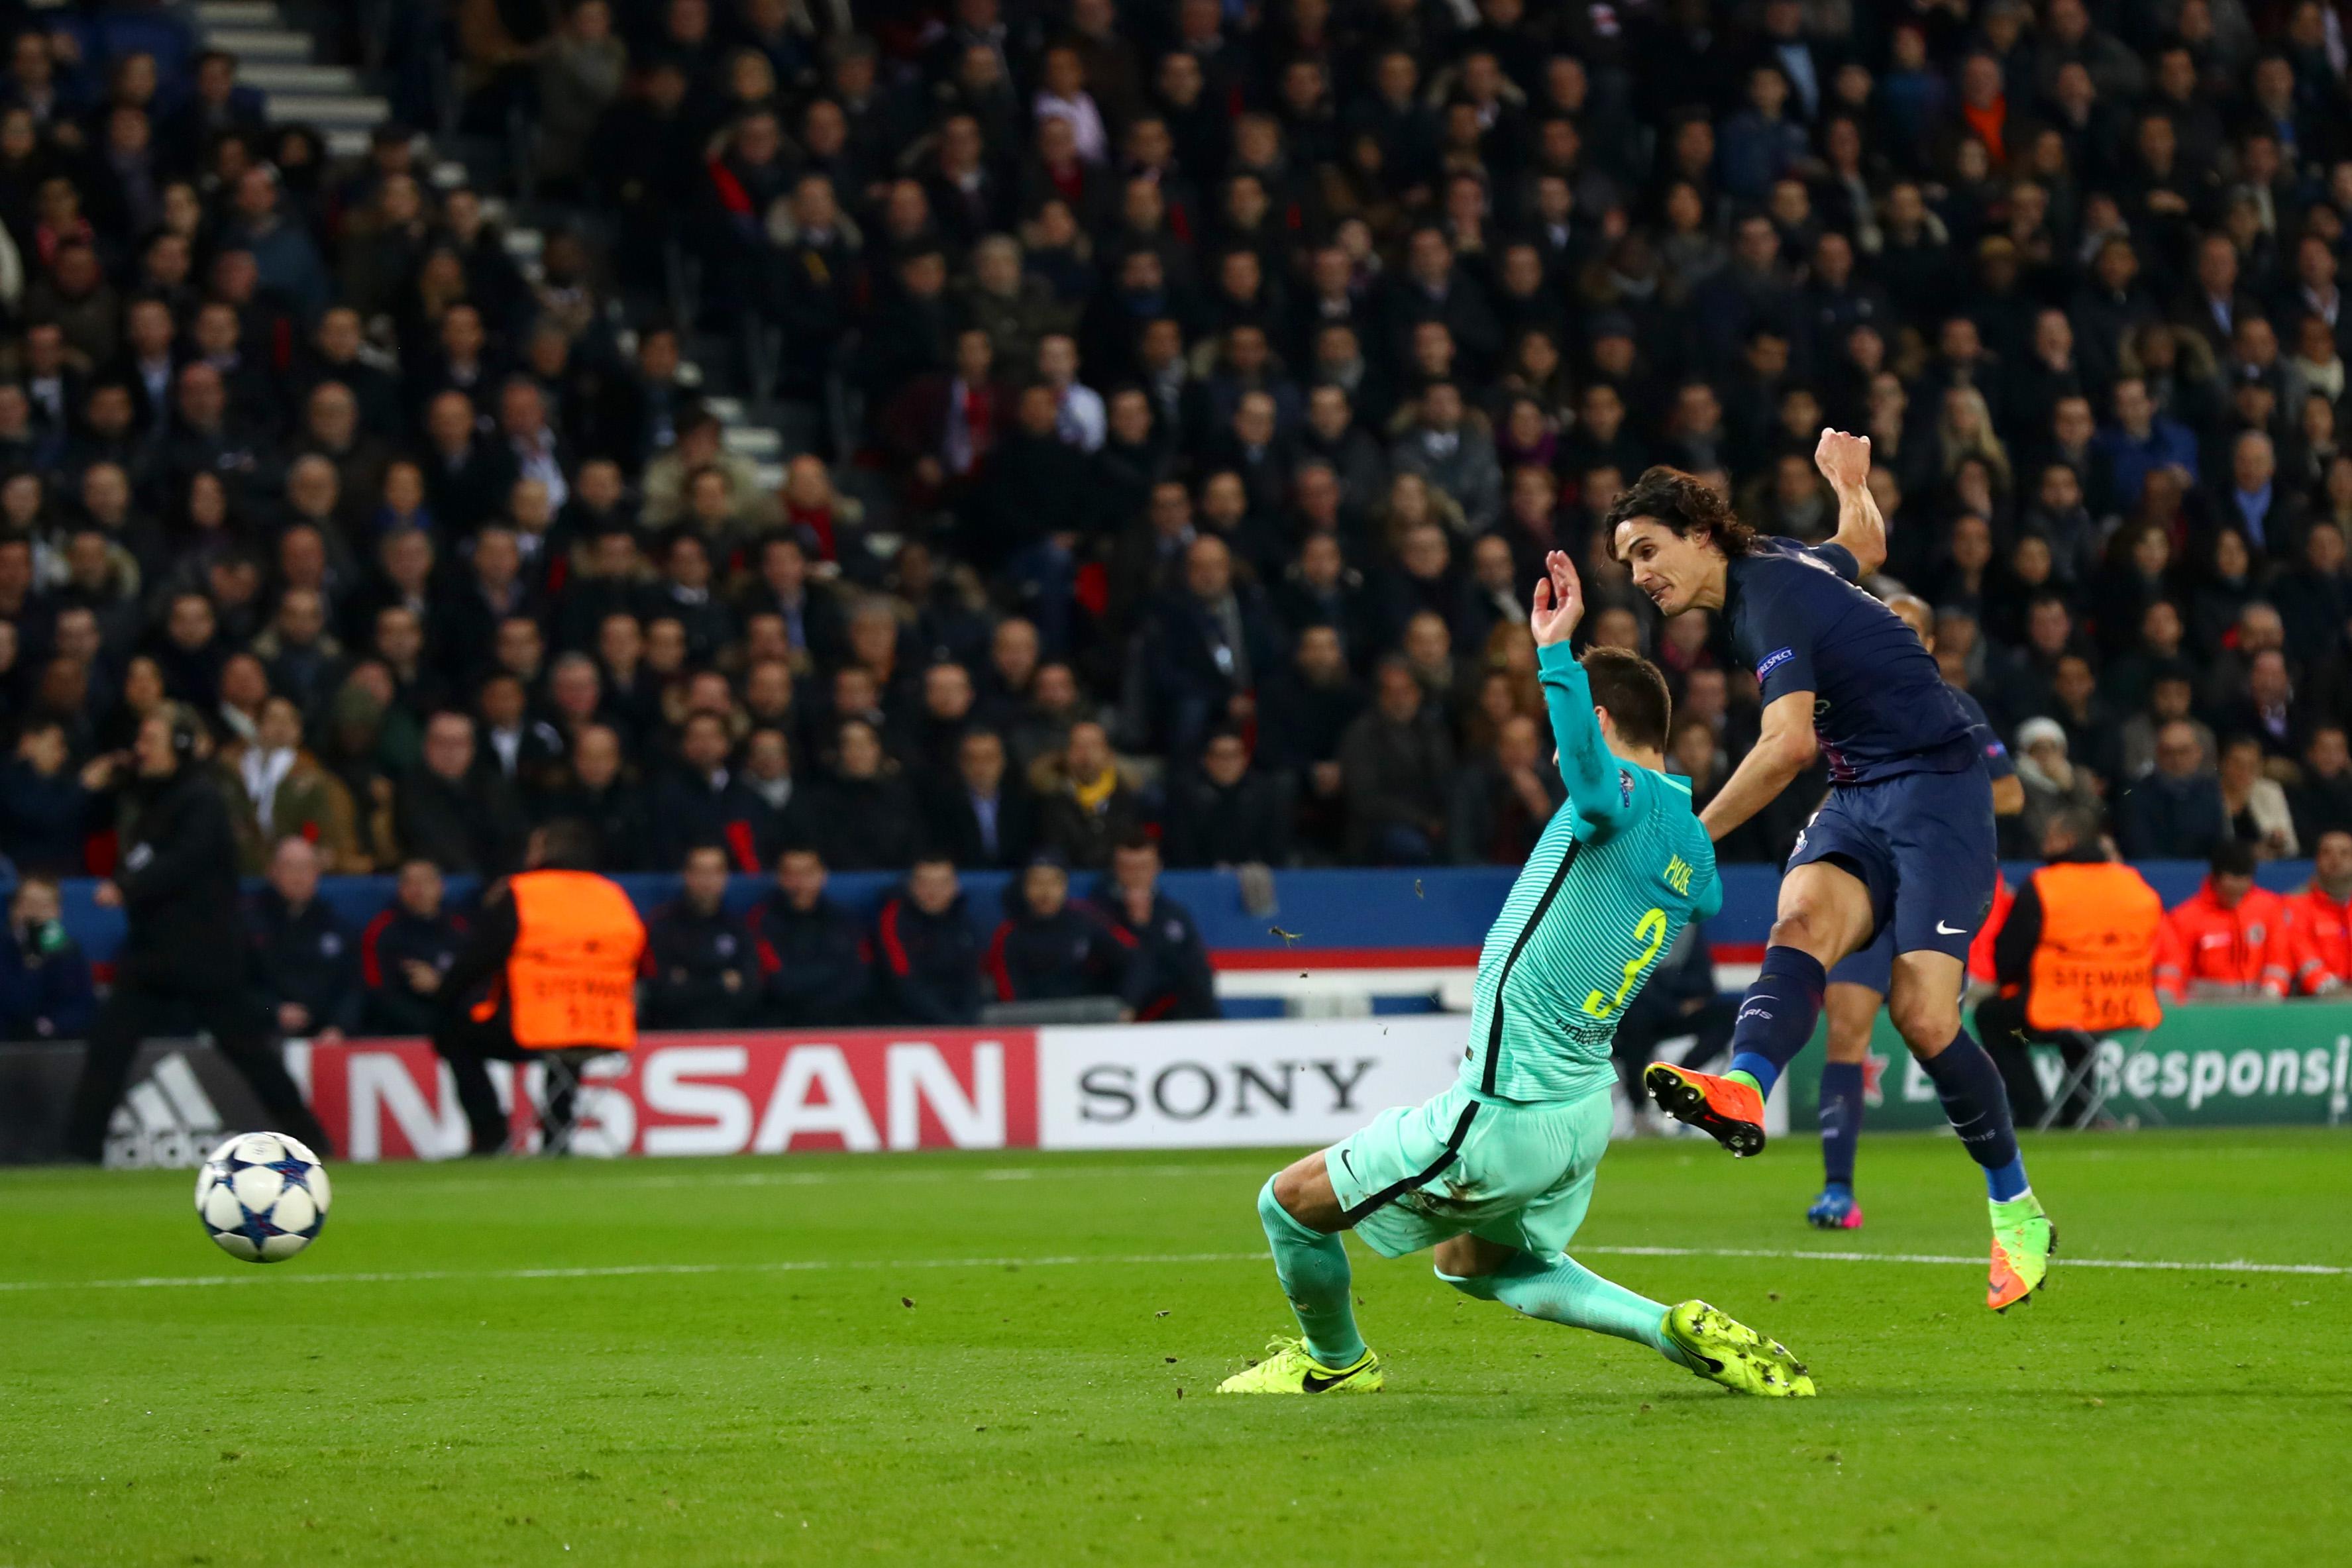 Edinson Cavani sentencia el partido a favor del PSG. (Crédito: Clive Rose/Getty Images)